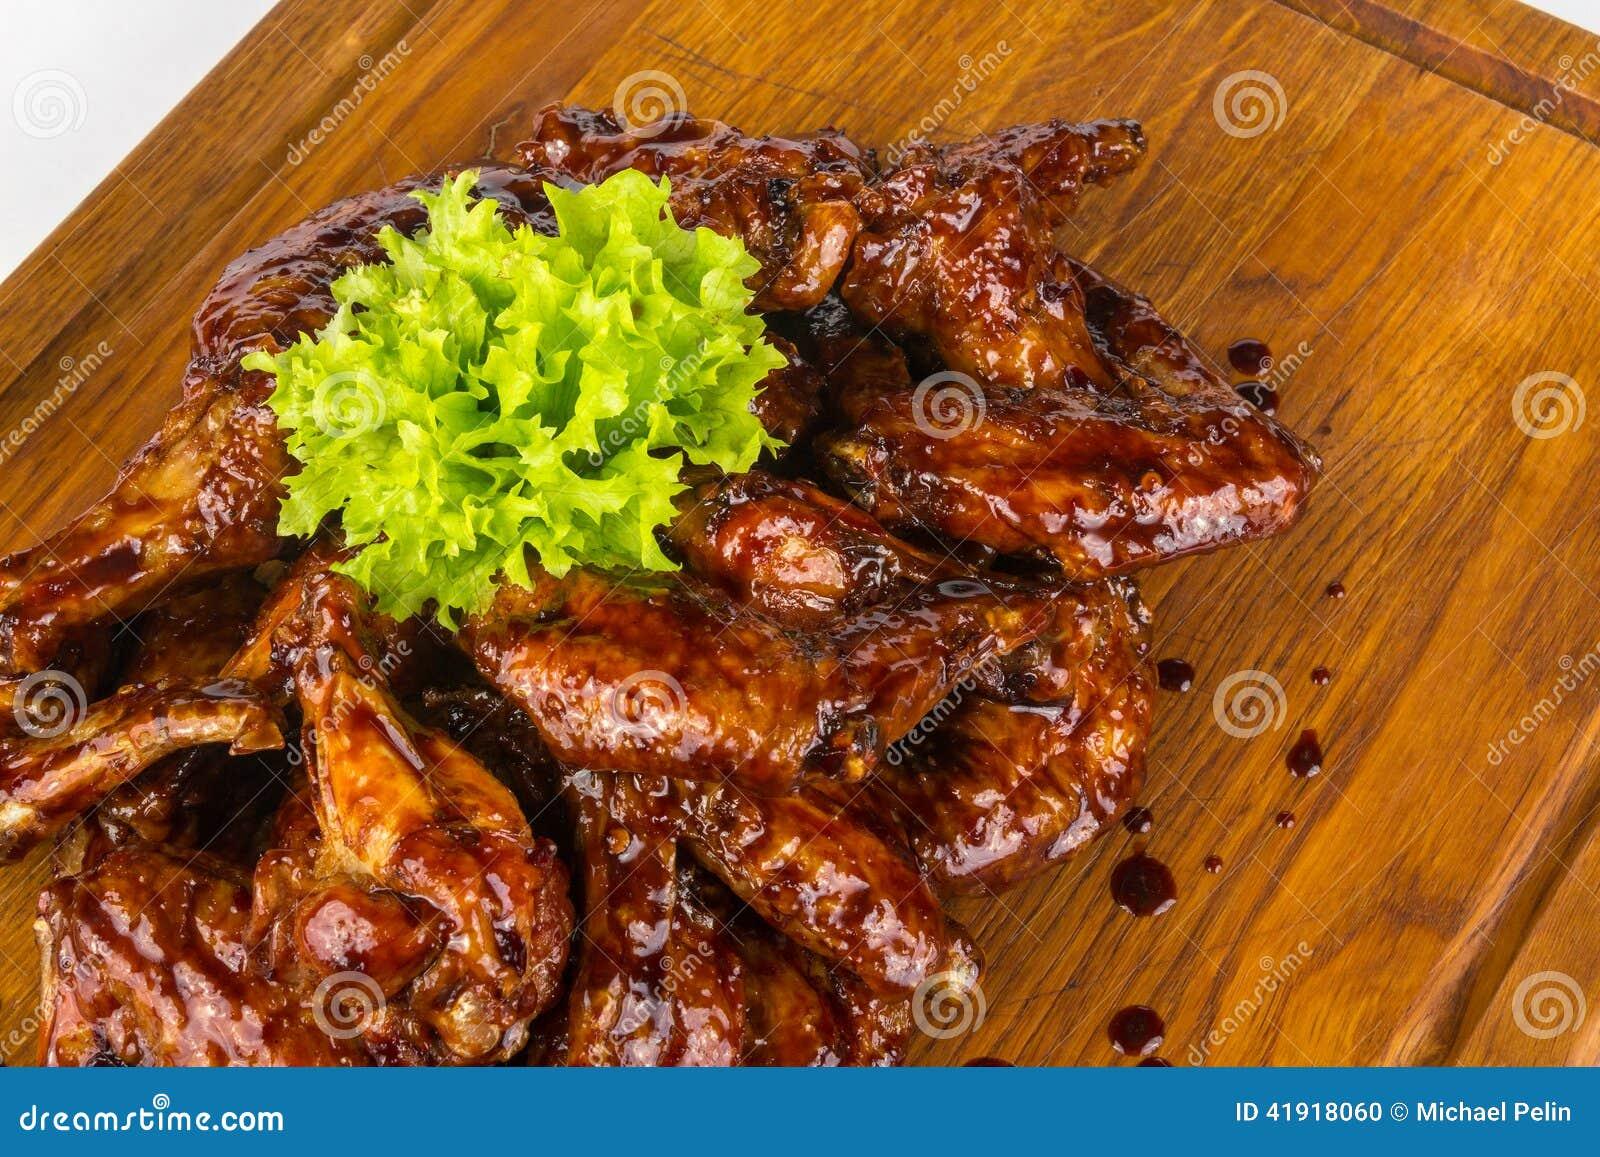 Alas de pollo en salsa caliente